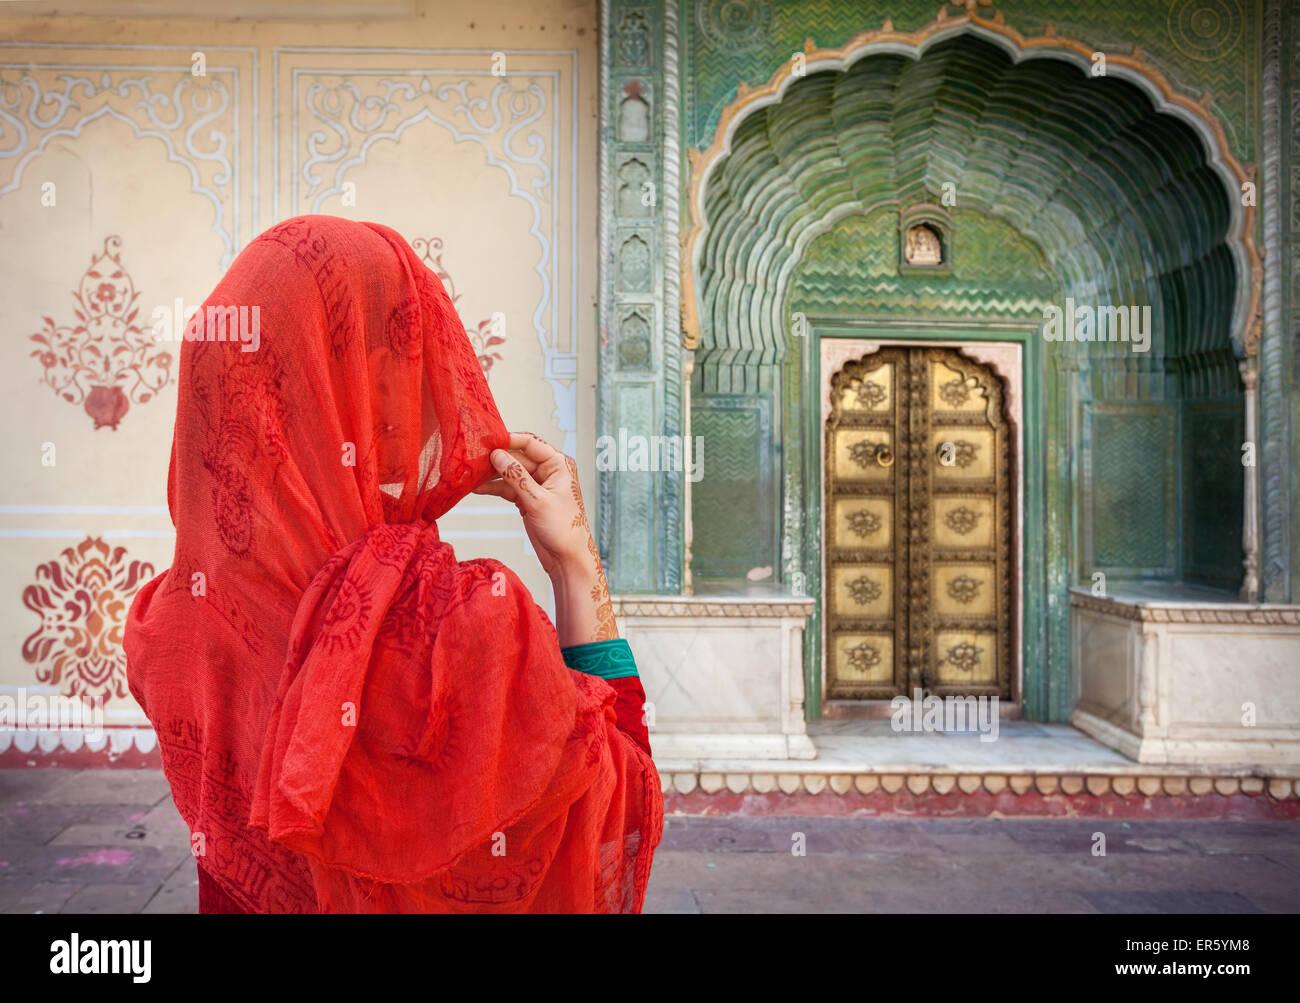 La donna in sciarpa rossa guardando il cancello verde porta in palazzo di città di Jaipur, Rajasthan, India Immagini Stock